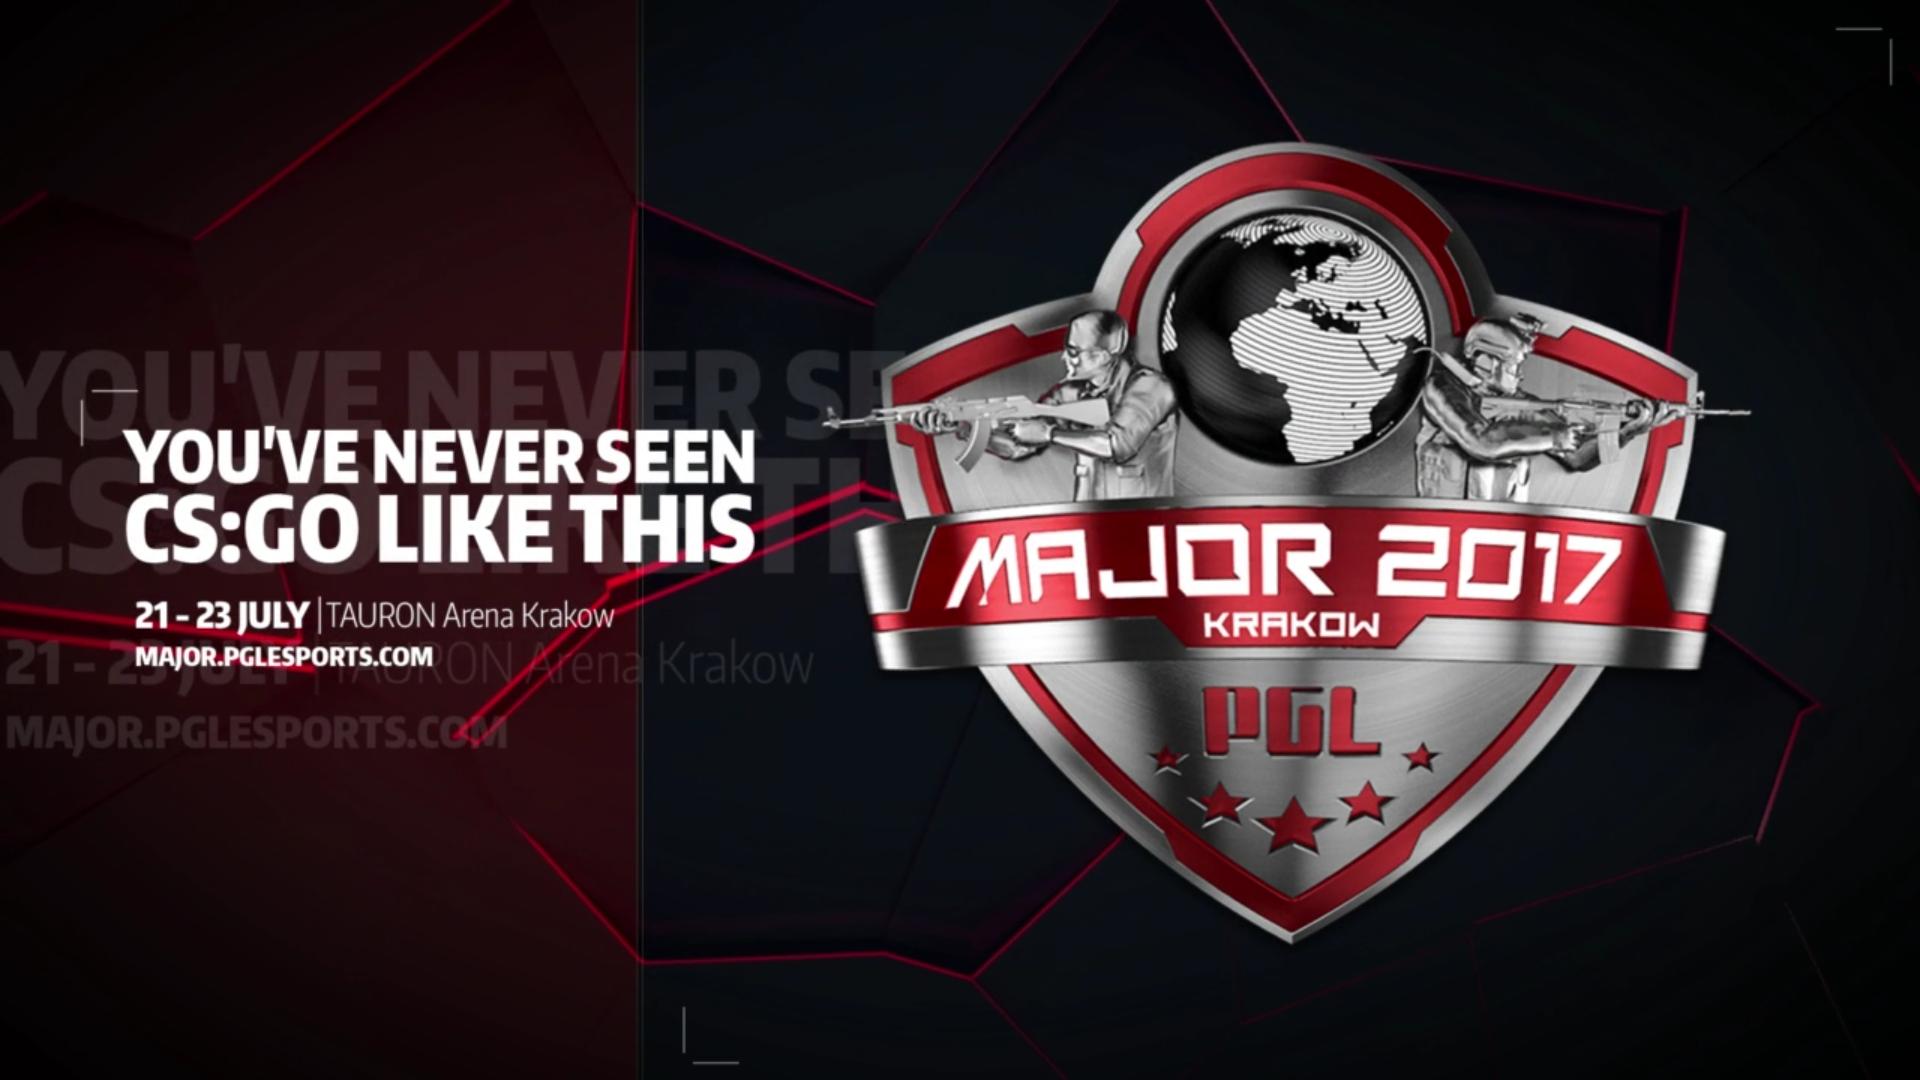 PGL анонсировала первый CS:GO Major-турнир